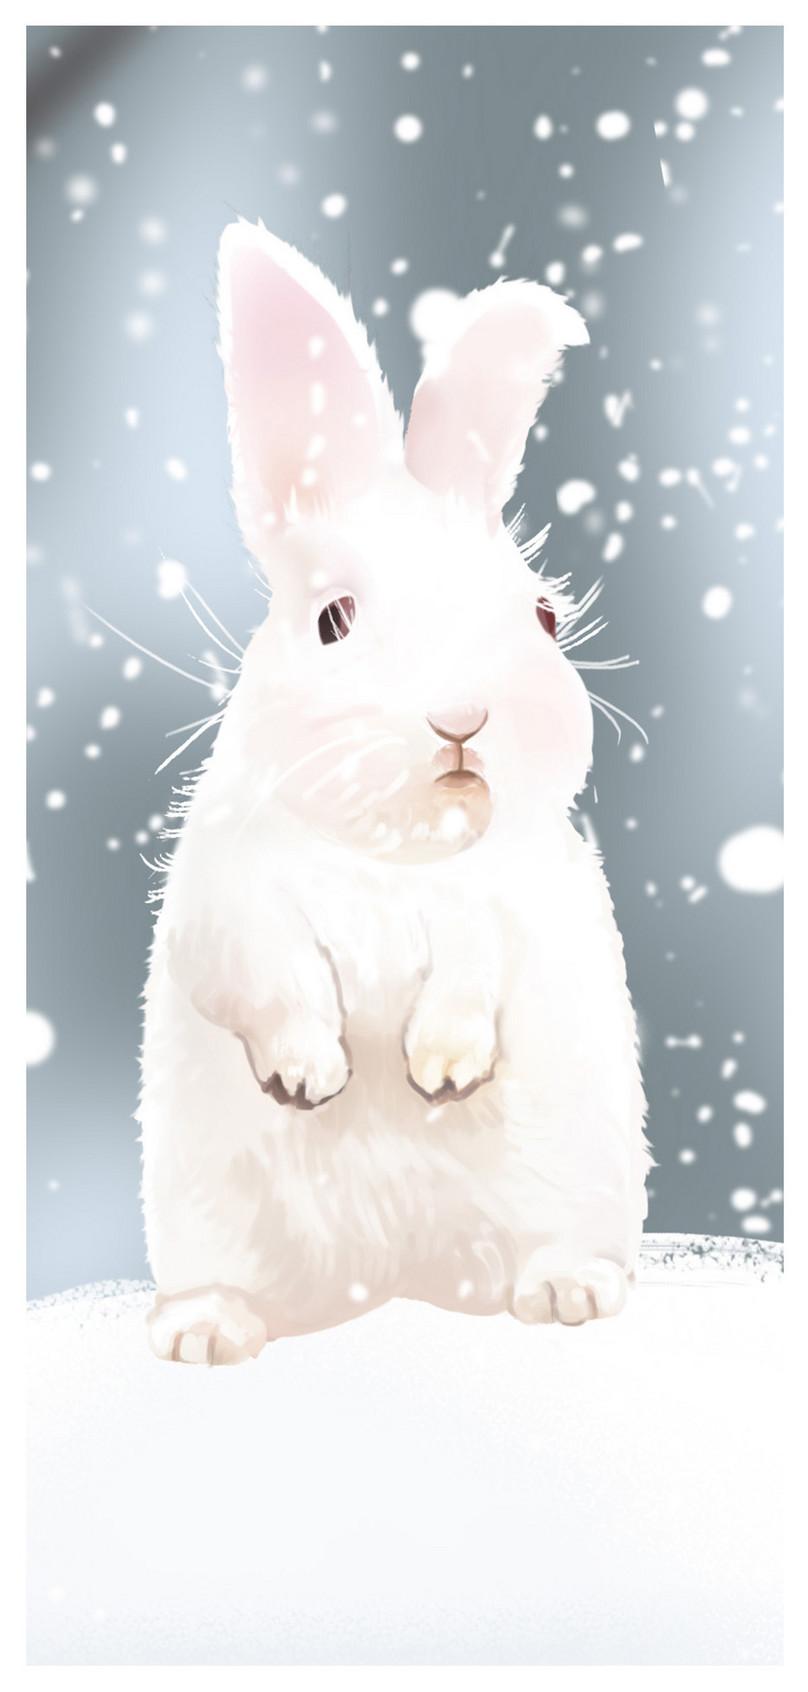 ウサギの携帯壁紙イメージ 背景 Id 400445368 Prf画像フォーマット